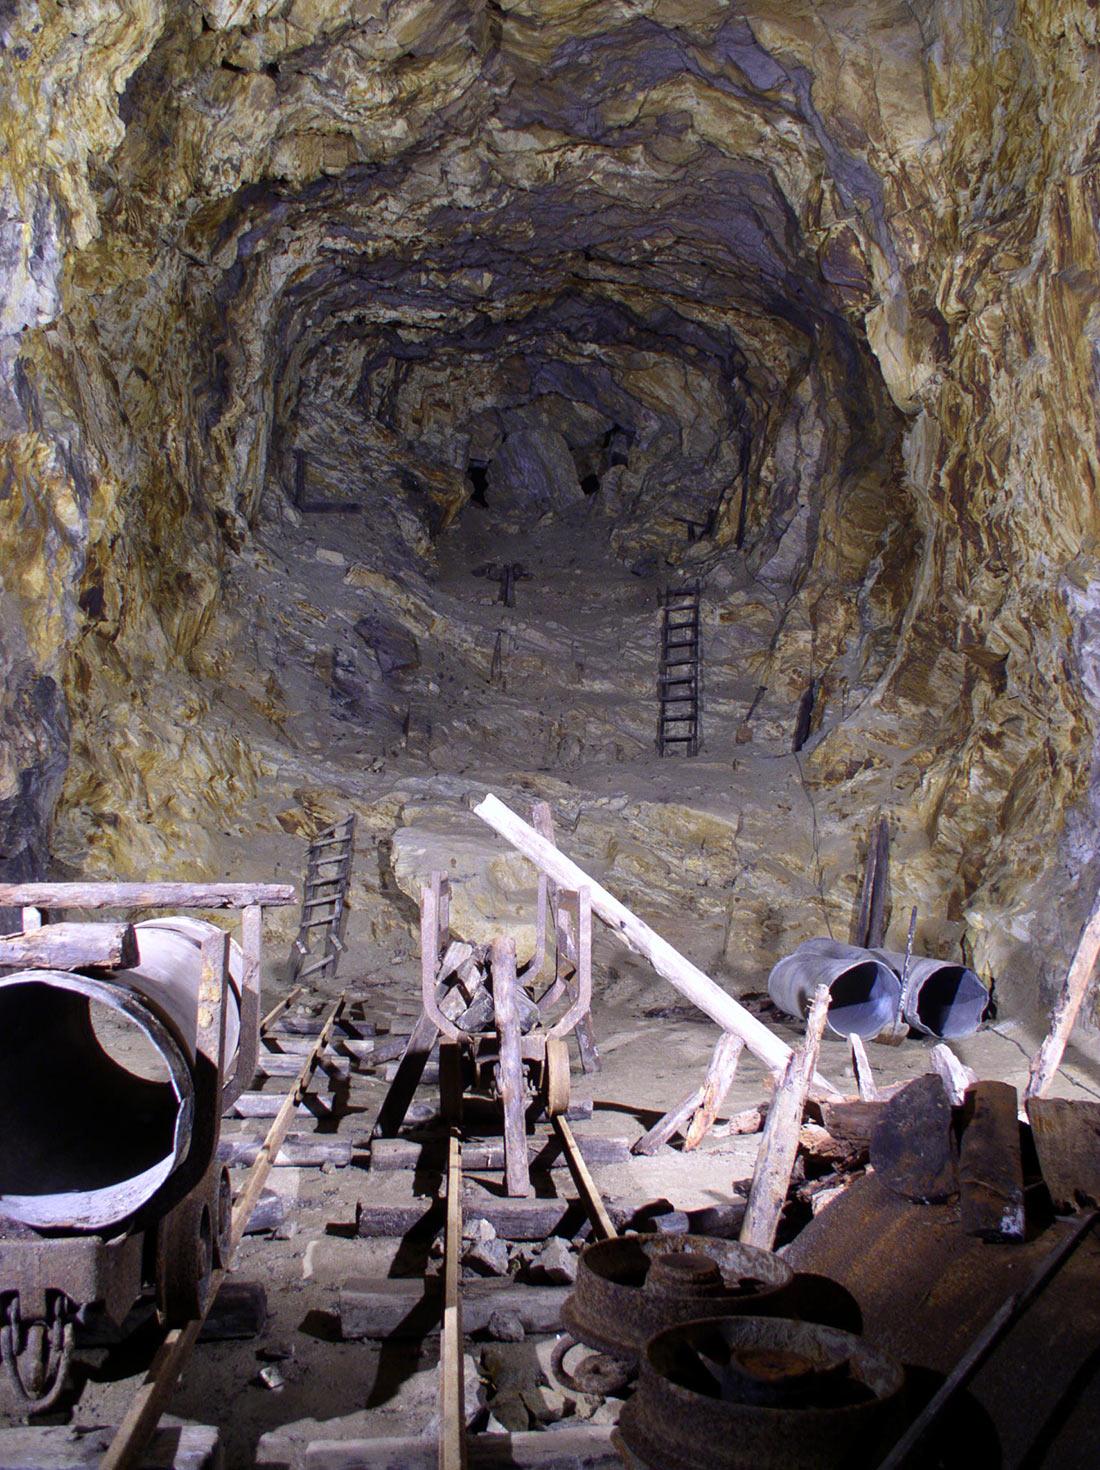 Tiết lộ bí mật cuối cùng gây chấn động của Hitler: Một khu tổ hợp ngầm 'tàng hình' nằm sâu trong vách núi - Ảnh 2.